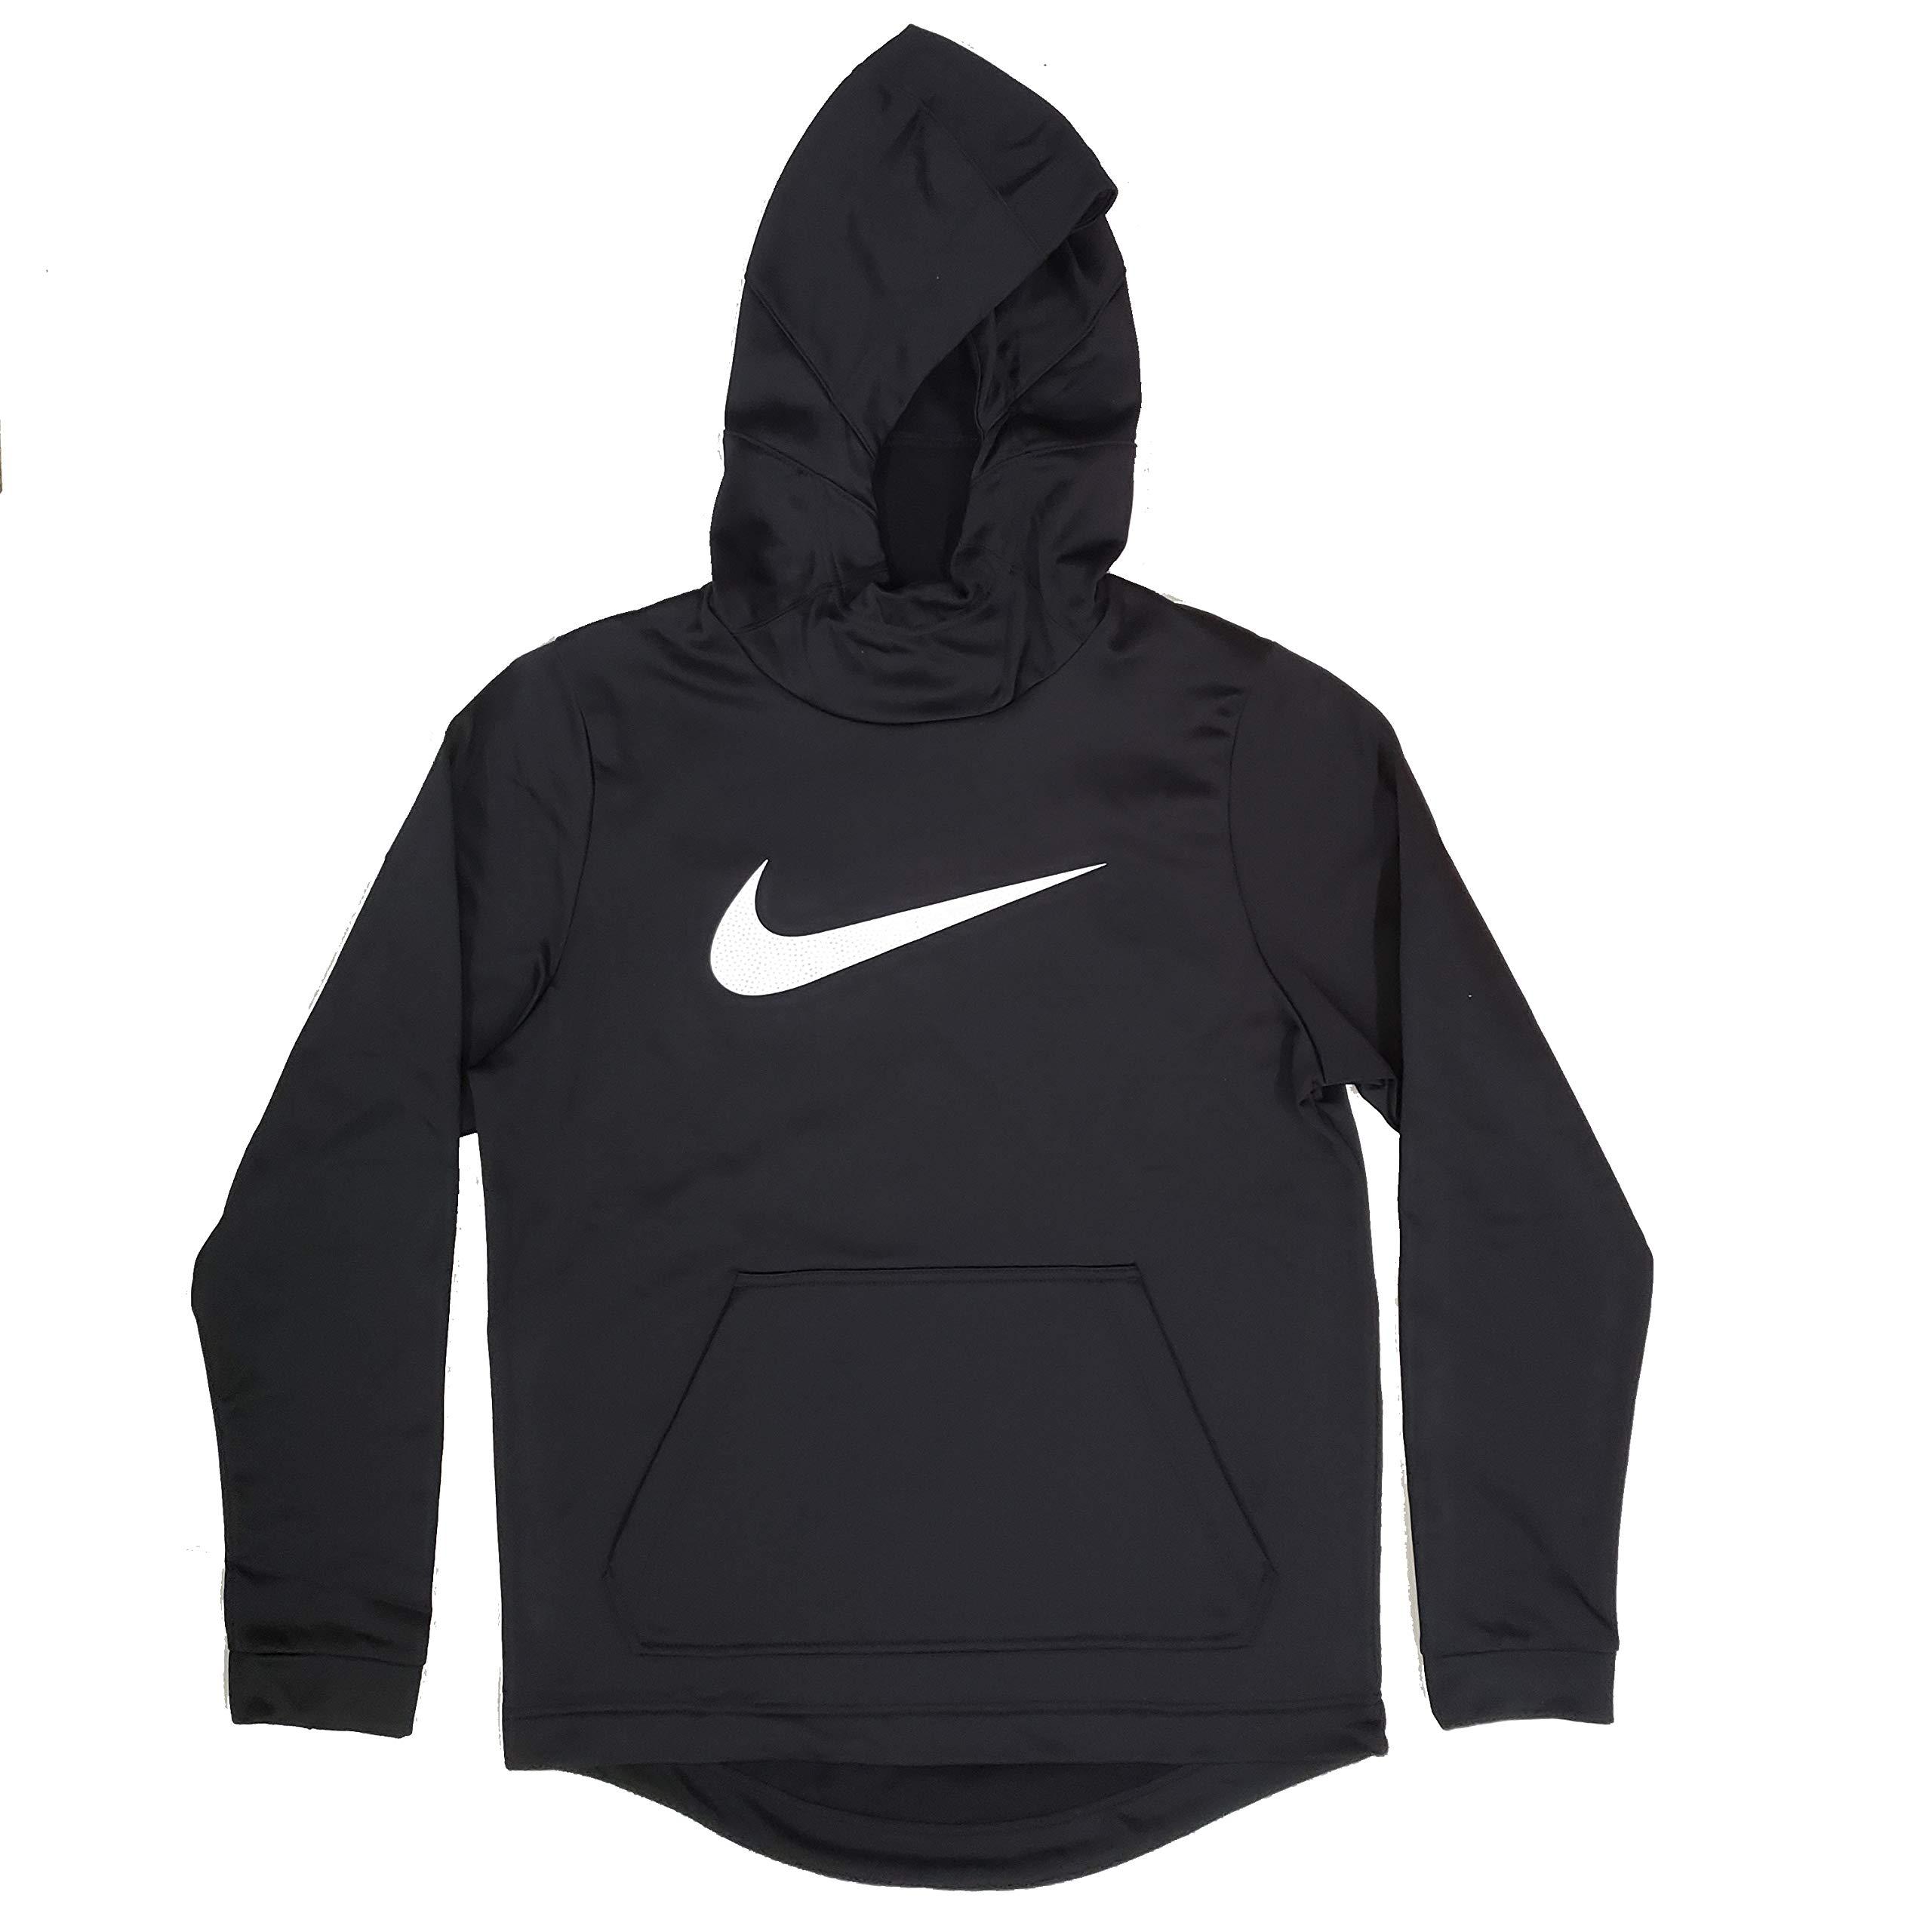 Best Buy Nike Therma Men's Dri-Fit Hooded Sweatshirt Hoodie Black White CD7103 010 Reviews